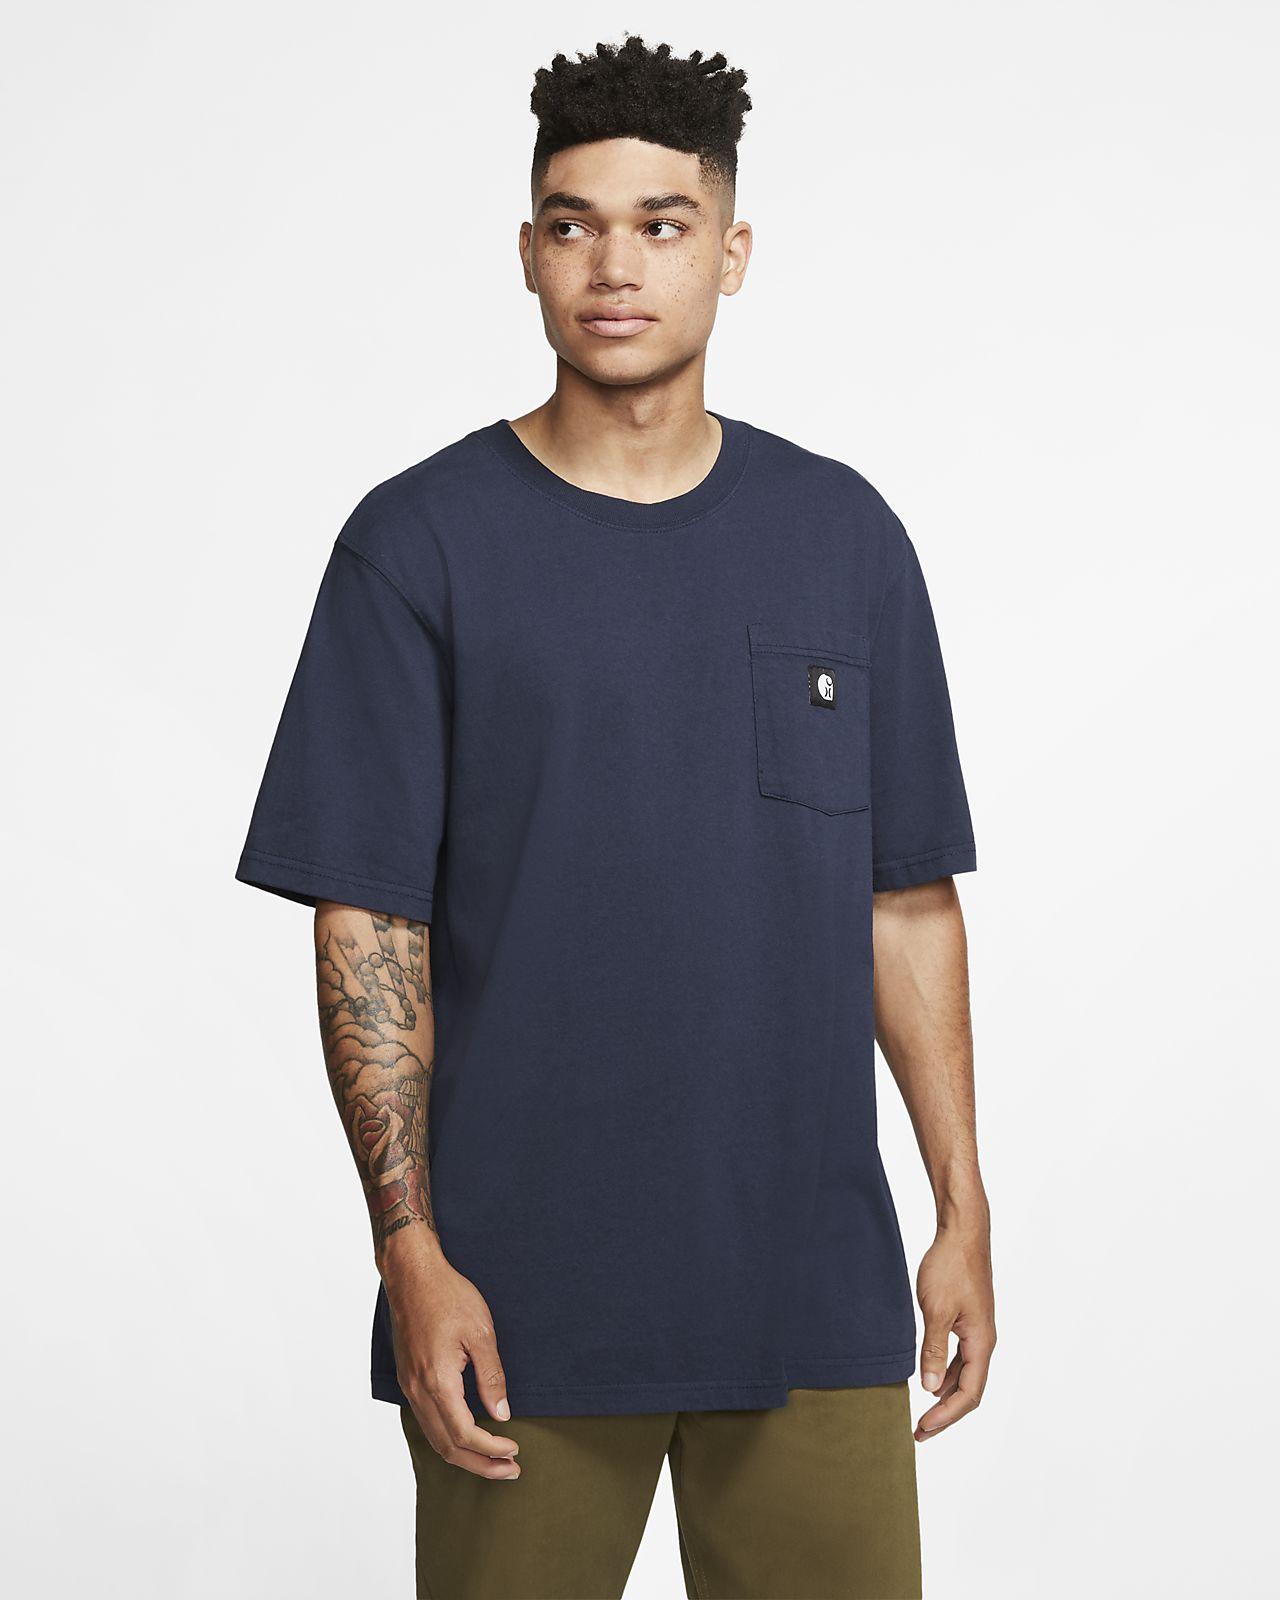 T-shirt Hurley x Carhartt för män